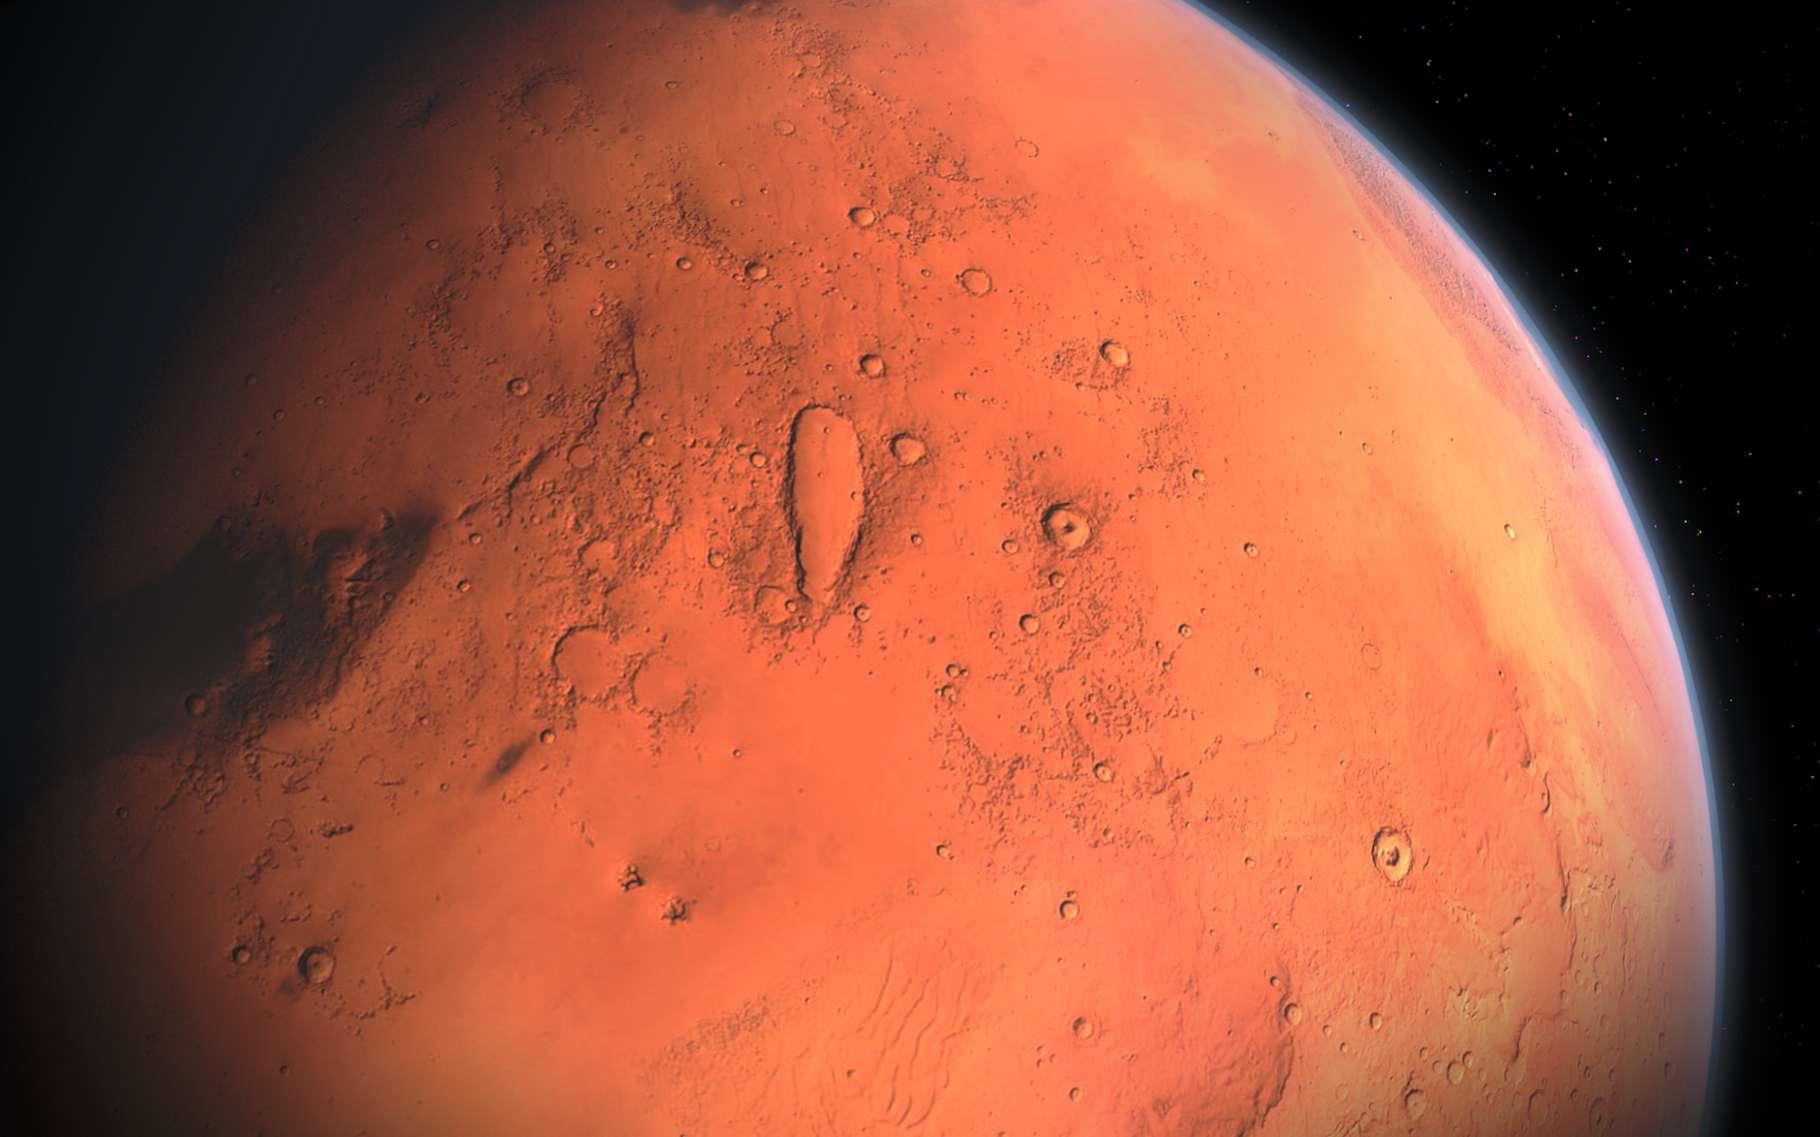 Des astronomes ont observé dans la tempête globale qui a balayé Mars en 2018, un phénomène qui pourrait être à l'origine de la disparition de l'eau sur la planète : les tours de poussière. © Aynur_zakirov, Pixabay License